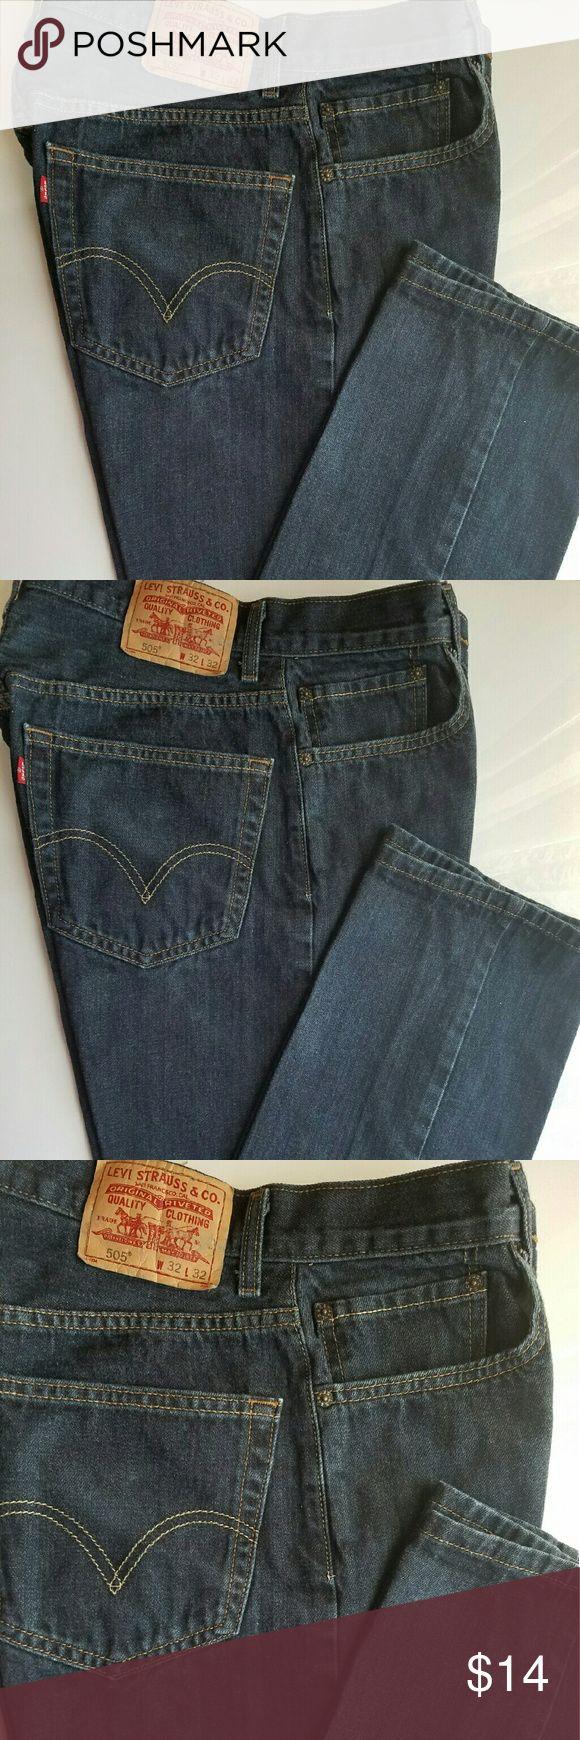 Levi 505 Jeans Unisex 505 Jeans size W 32 L 32 Ladies (10) Regular Fit Levi Jeans Boyfriend